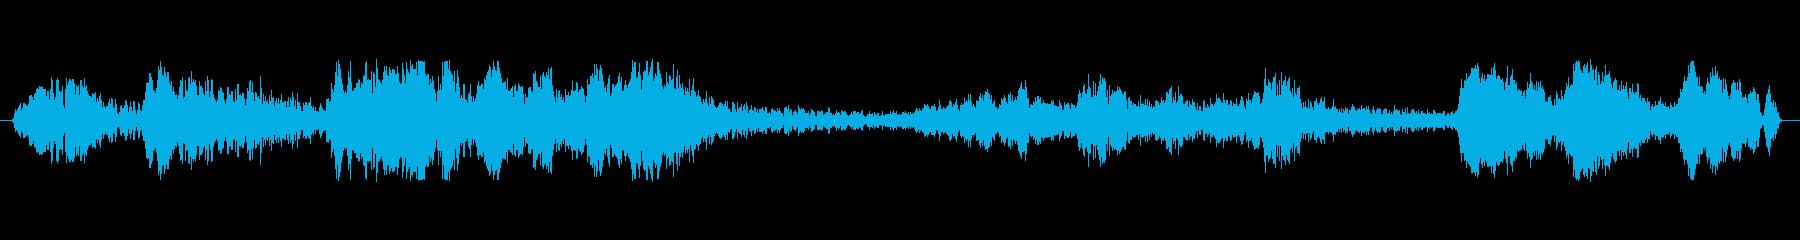 恐竜のうめき声の再生済みの波形